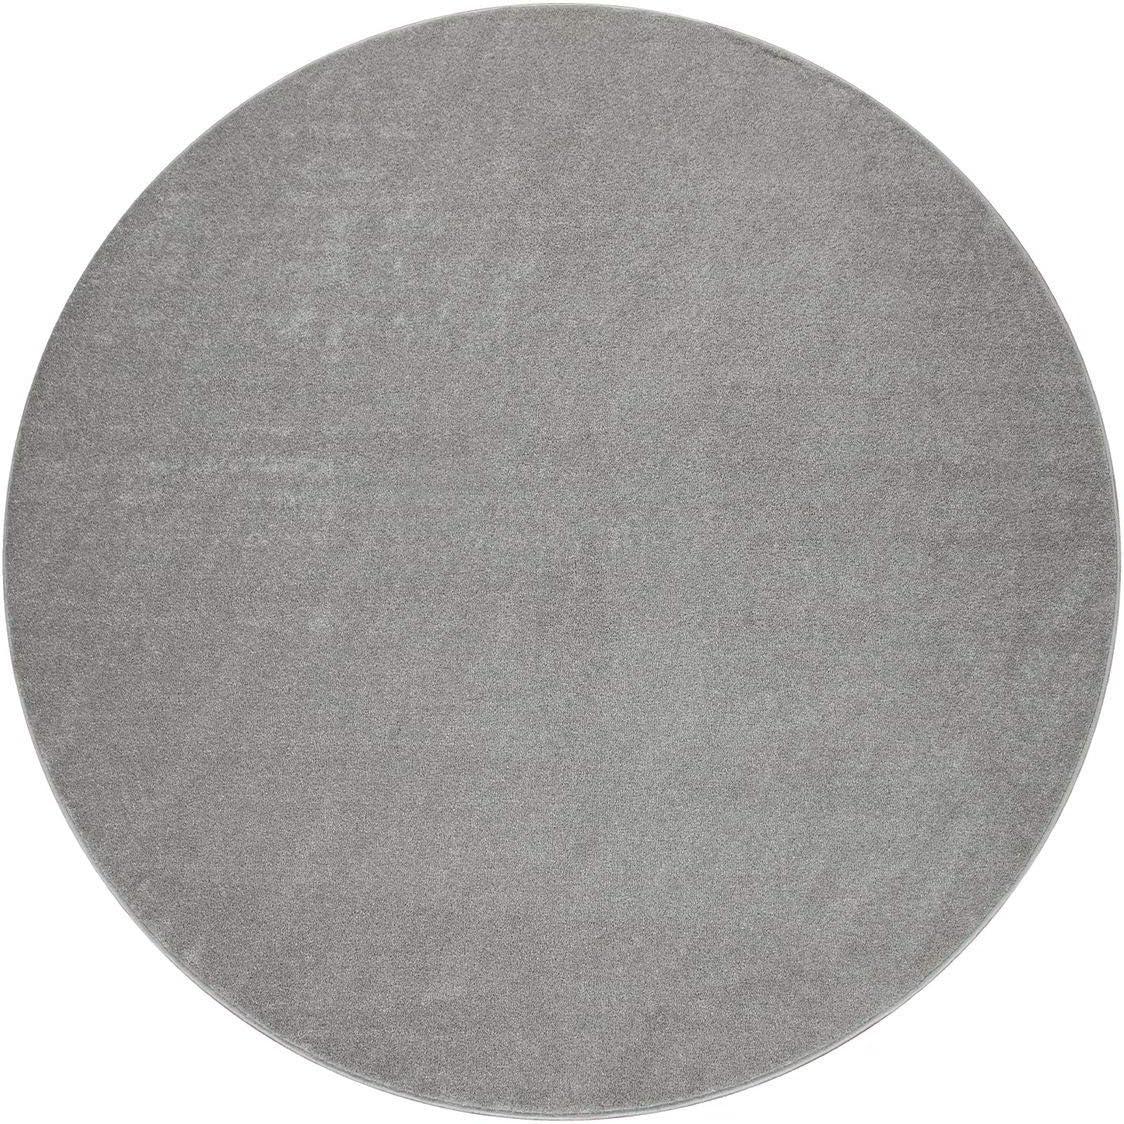 semplice in argento tinta unita Tappeto da soggiorno 60 x 100 cm a pelo corto TT Home alla moda e morbido